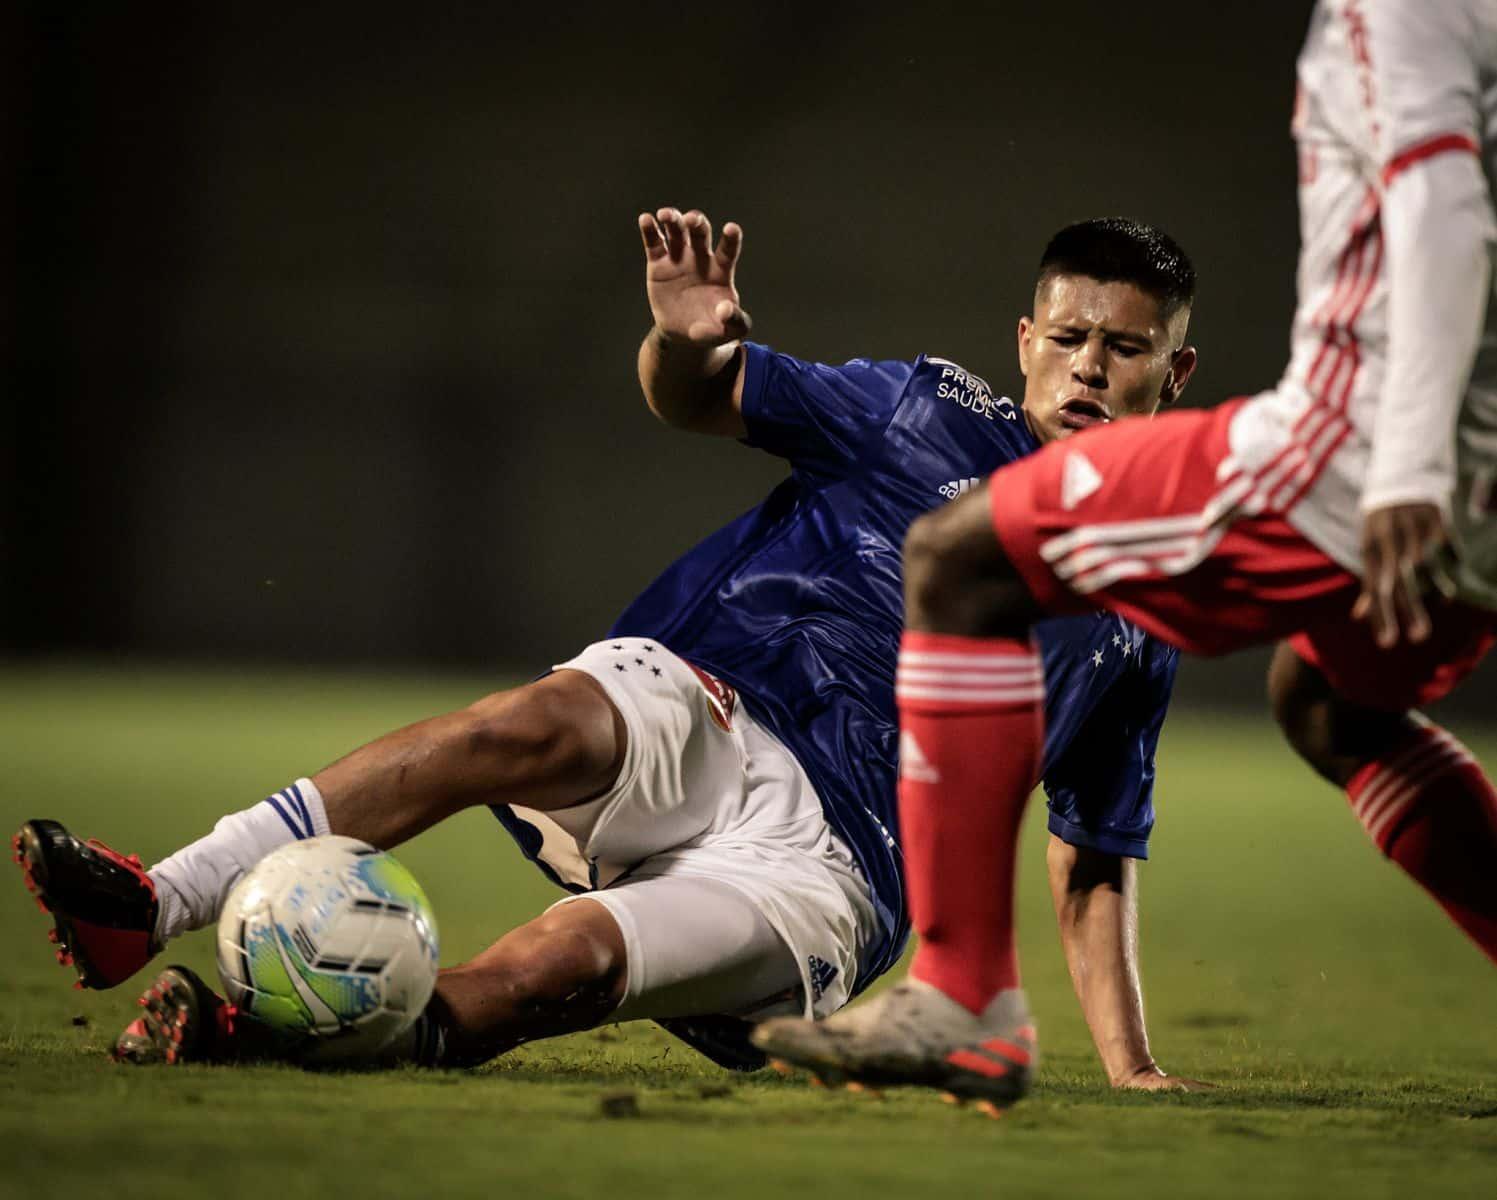 Assista ao vivo: Cruzeiro x Ceará - Campeonato Brasileiro Sub-17